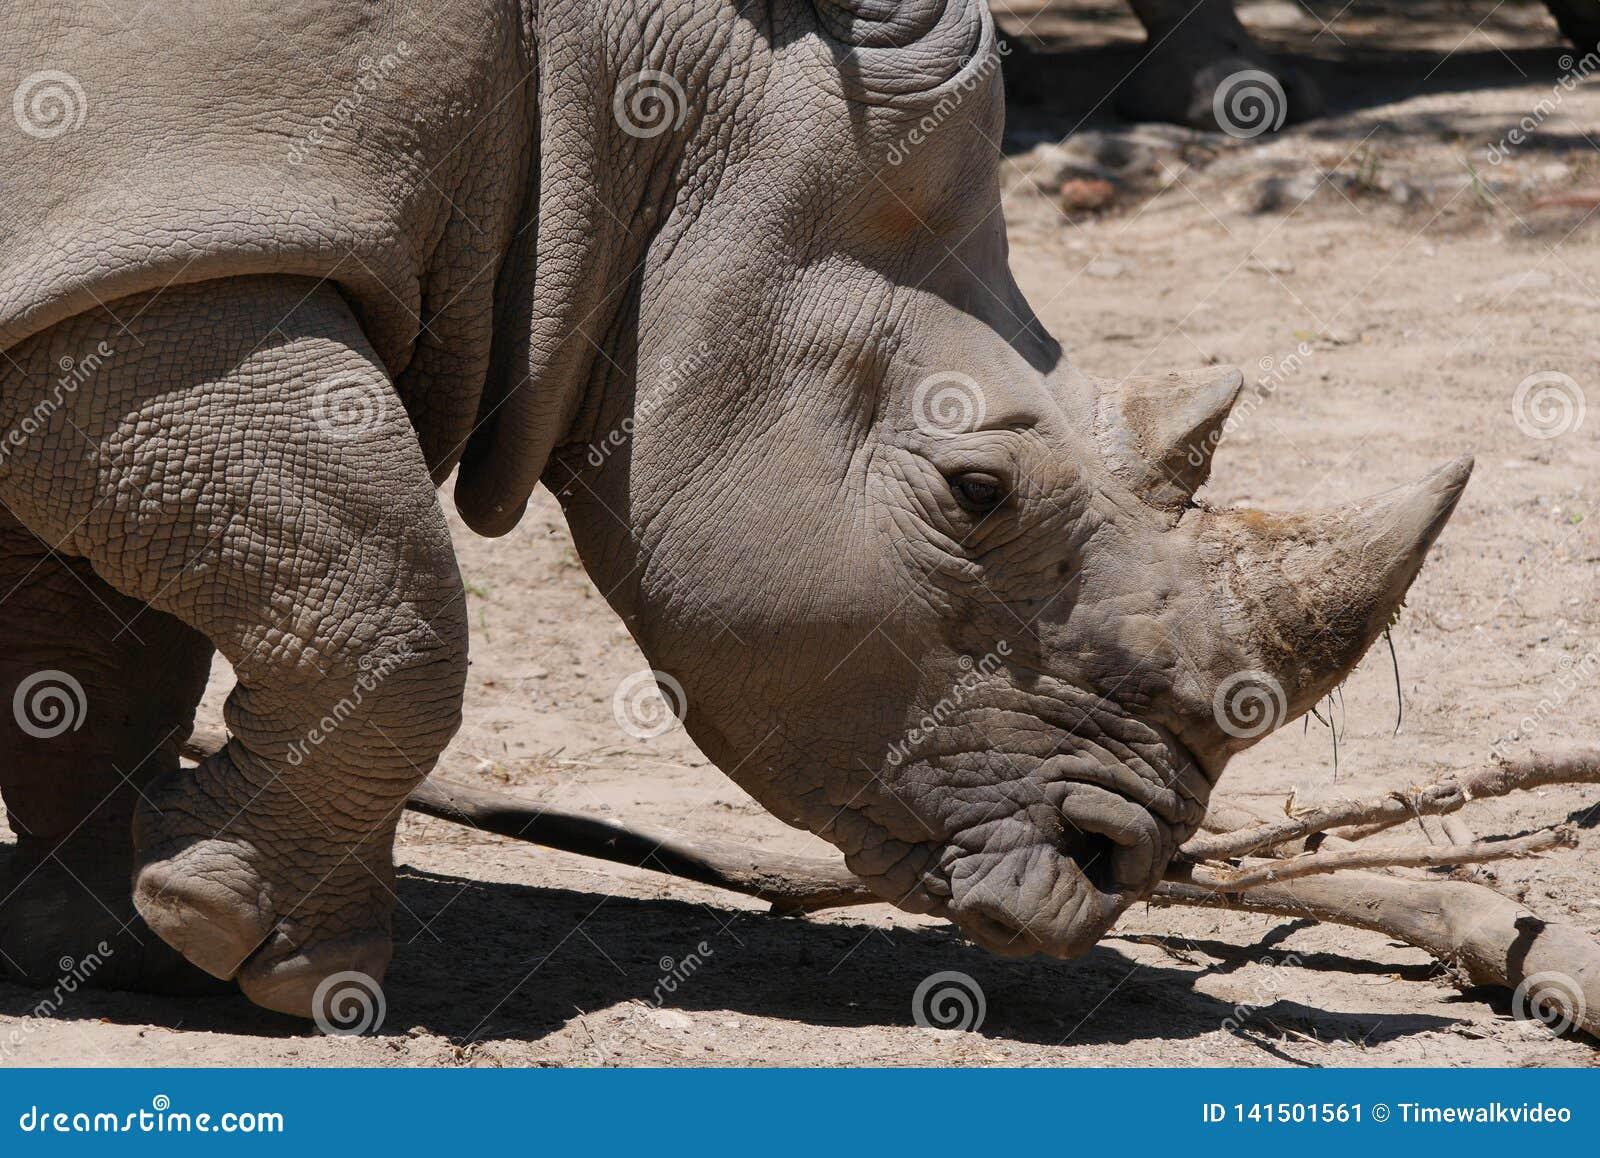 Портрет носорога в неурожайной среде обитания